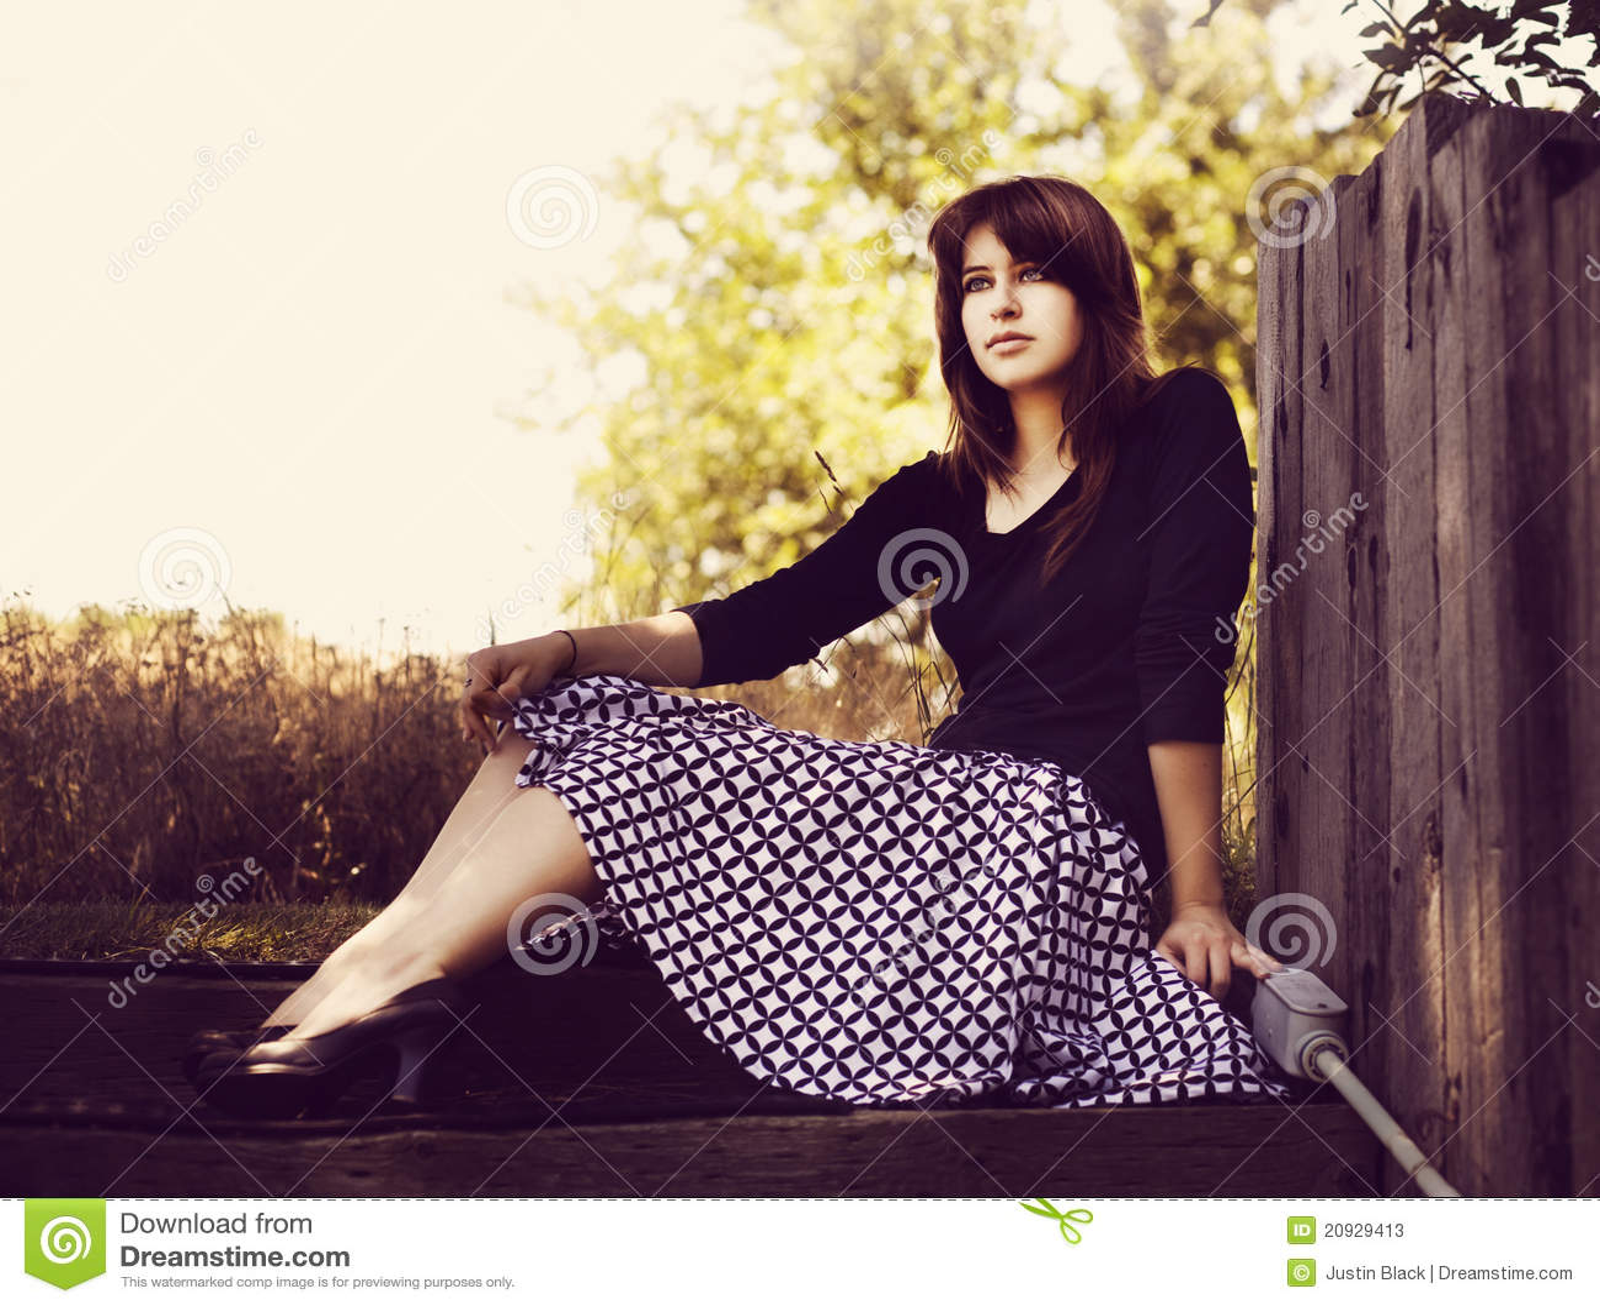 Rapariga com saia retro